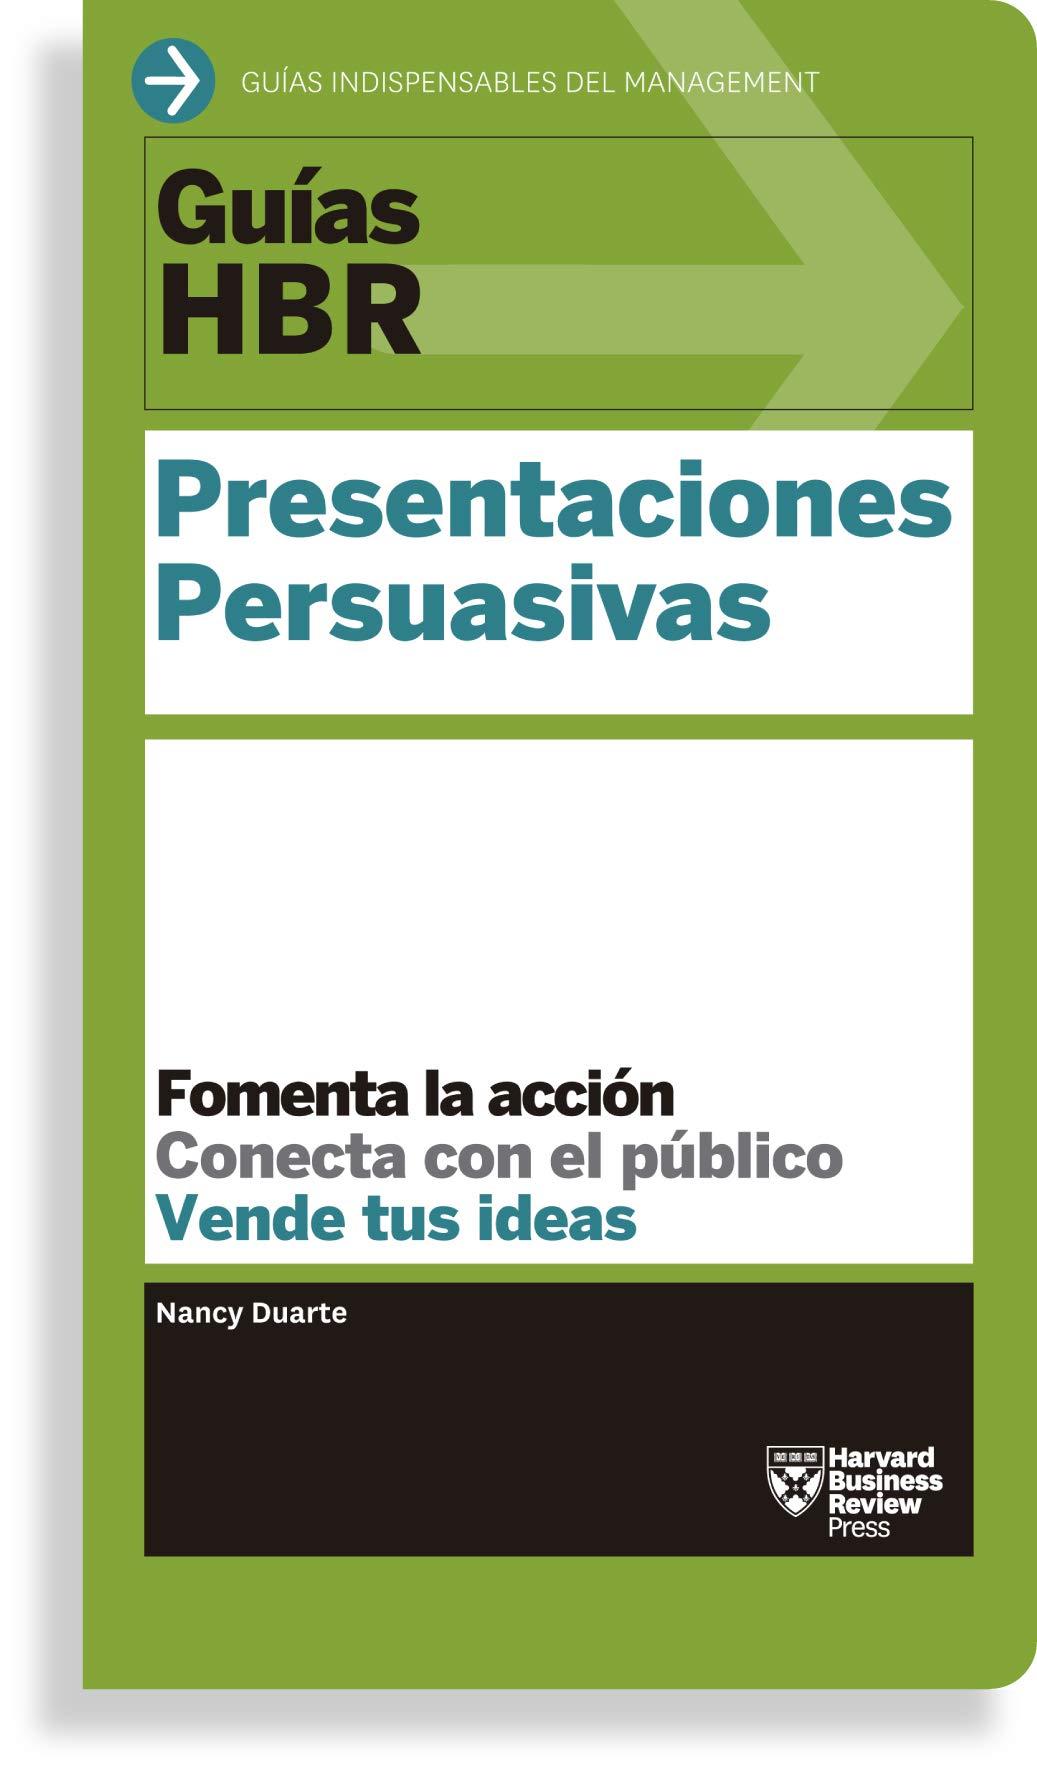 PRESENTACIONES PERSUASIVAS. FOMENTA LA ACCION. CONECTA CON EL PUBLICO. VENDE TUS IDEAS